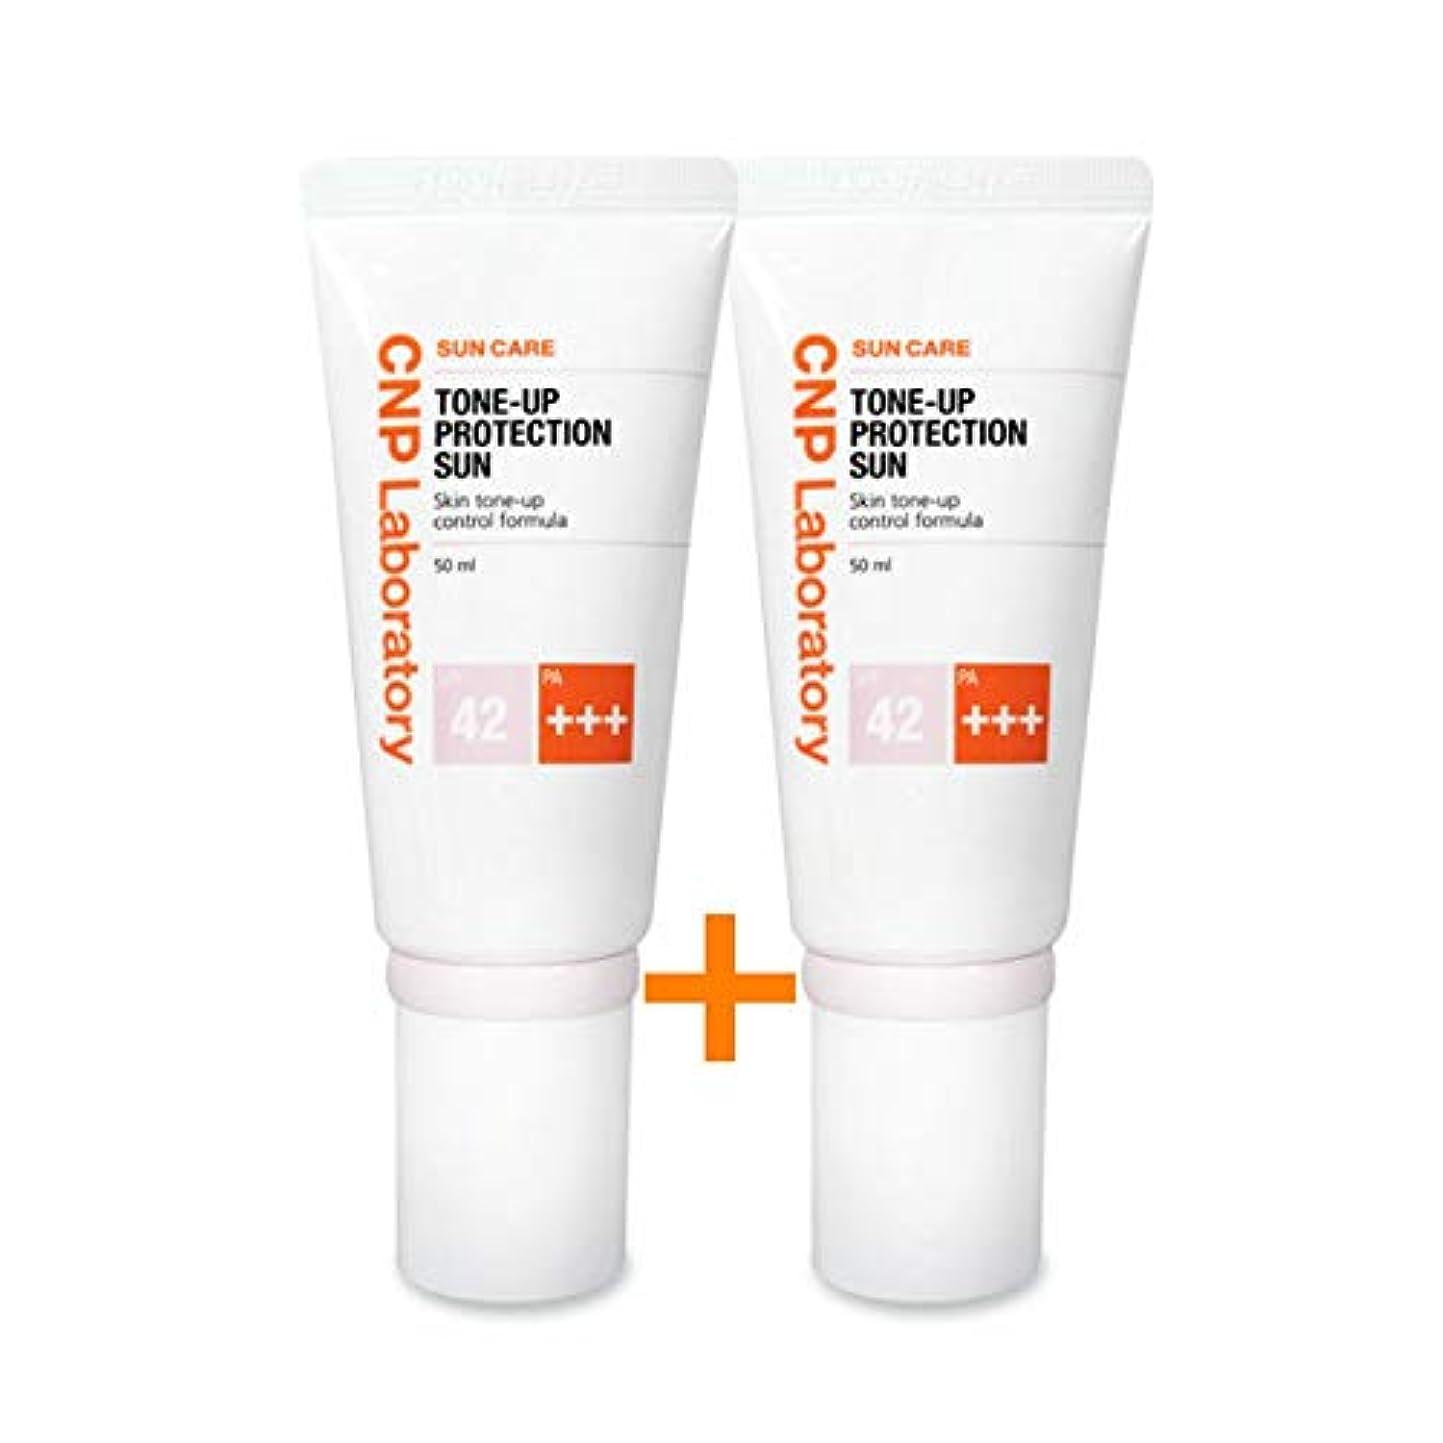 顕現レキシコン放射する[ 1 + 1 ] CNPトンオププロテクションサン?クリーム紫外線遮断剤 (SPF42 / PA+++) 50ml、CNP Tone-up Protection Sun Cream (SPF42 / PA+++) 50ml...